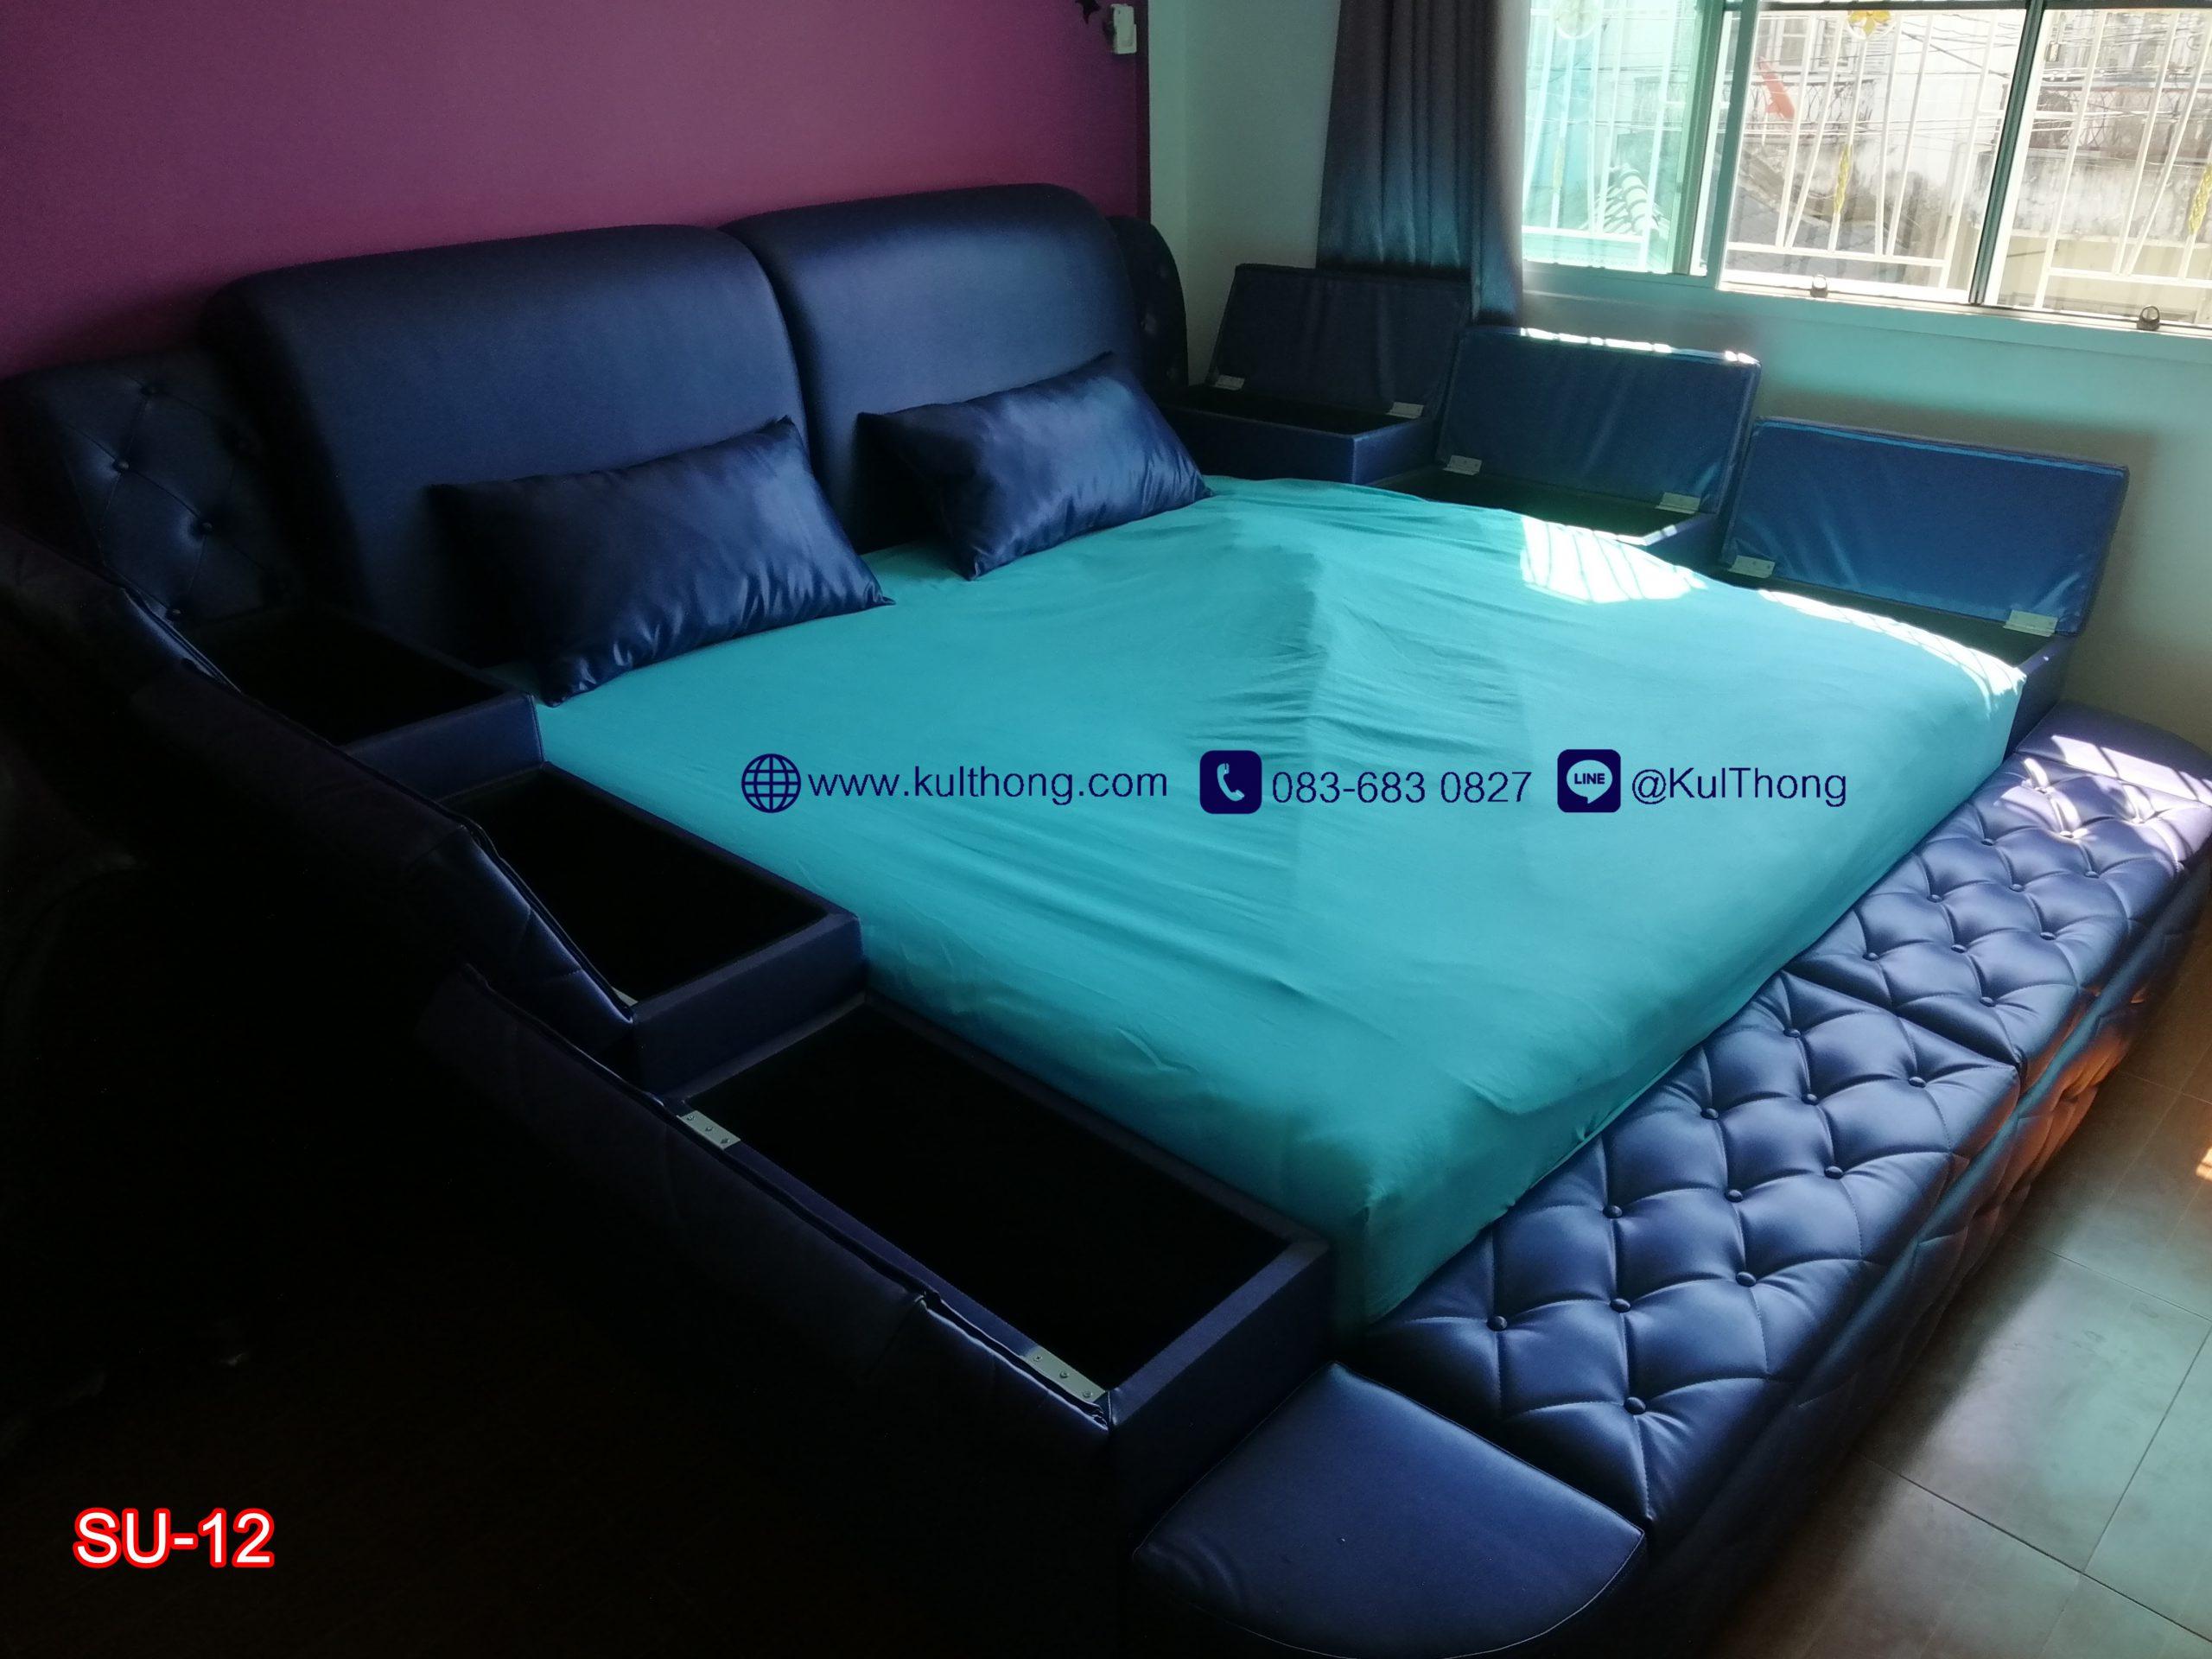 เตียงกล่องหุ้มหนัง เตียงเก็บของ เตียงญี่ปุ่น เตียงขนาดใหญ่